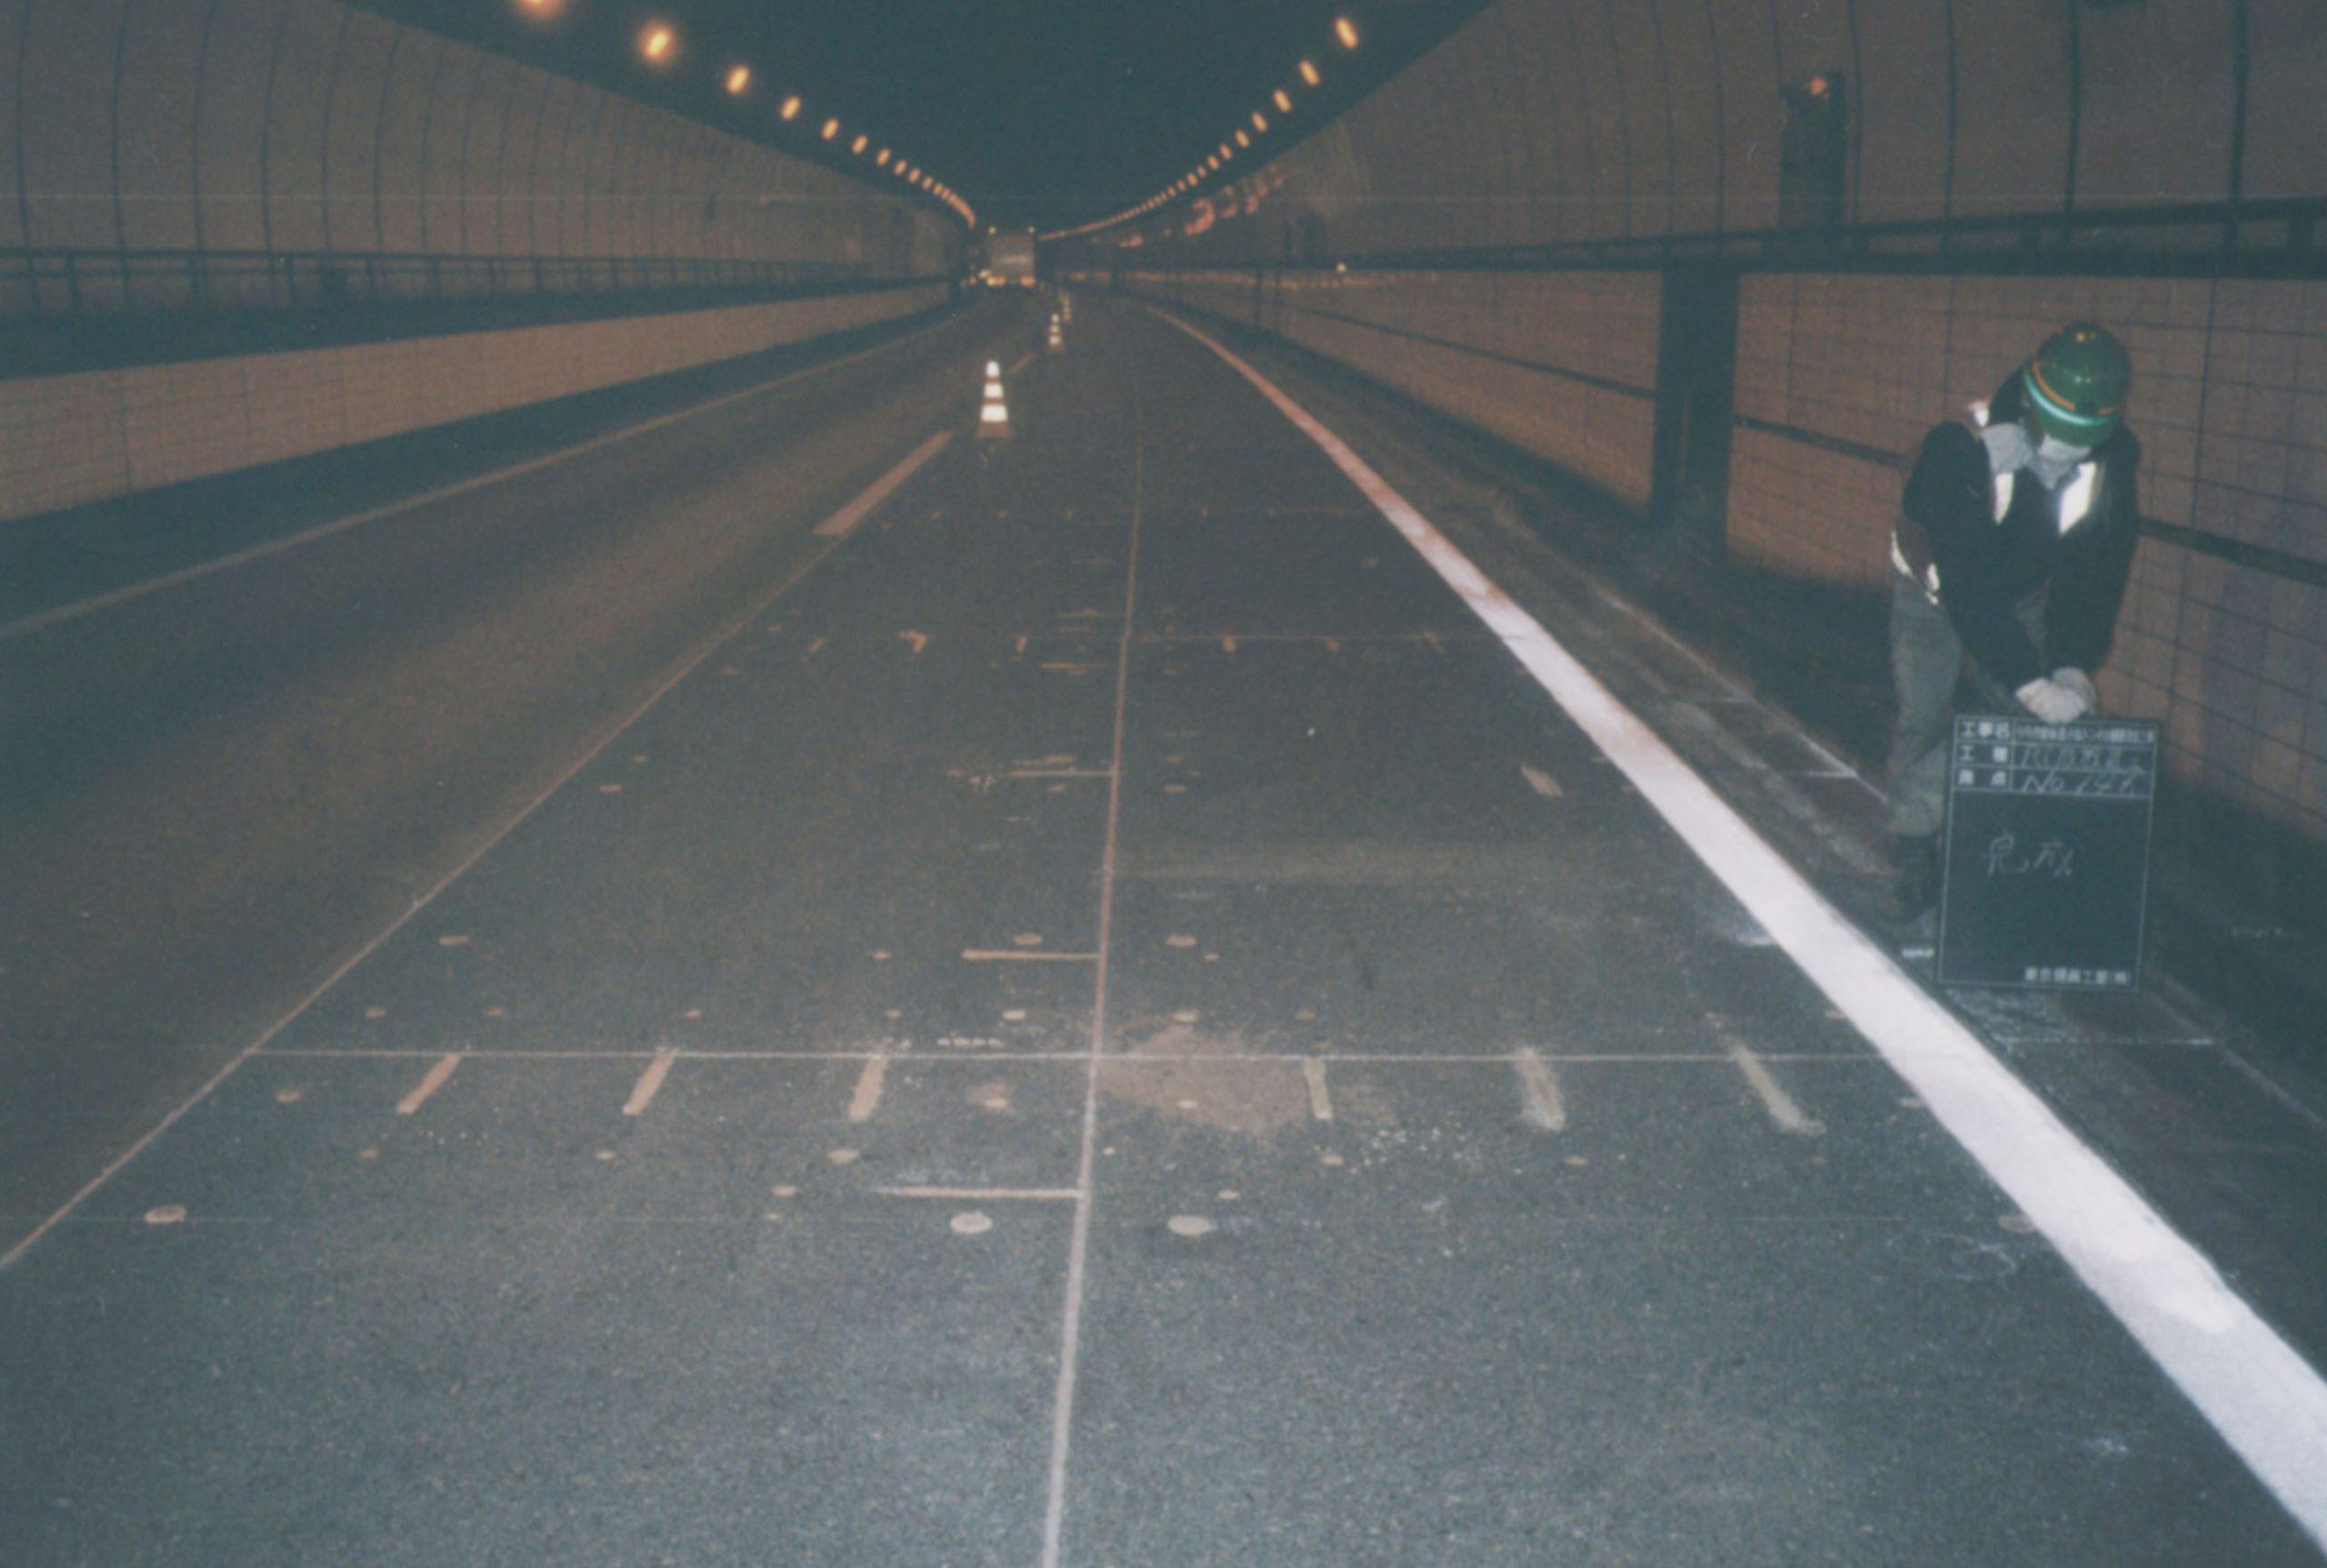 トンネル内プレキャストコンクリート舗装